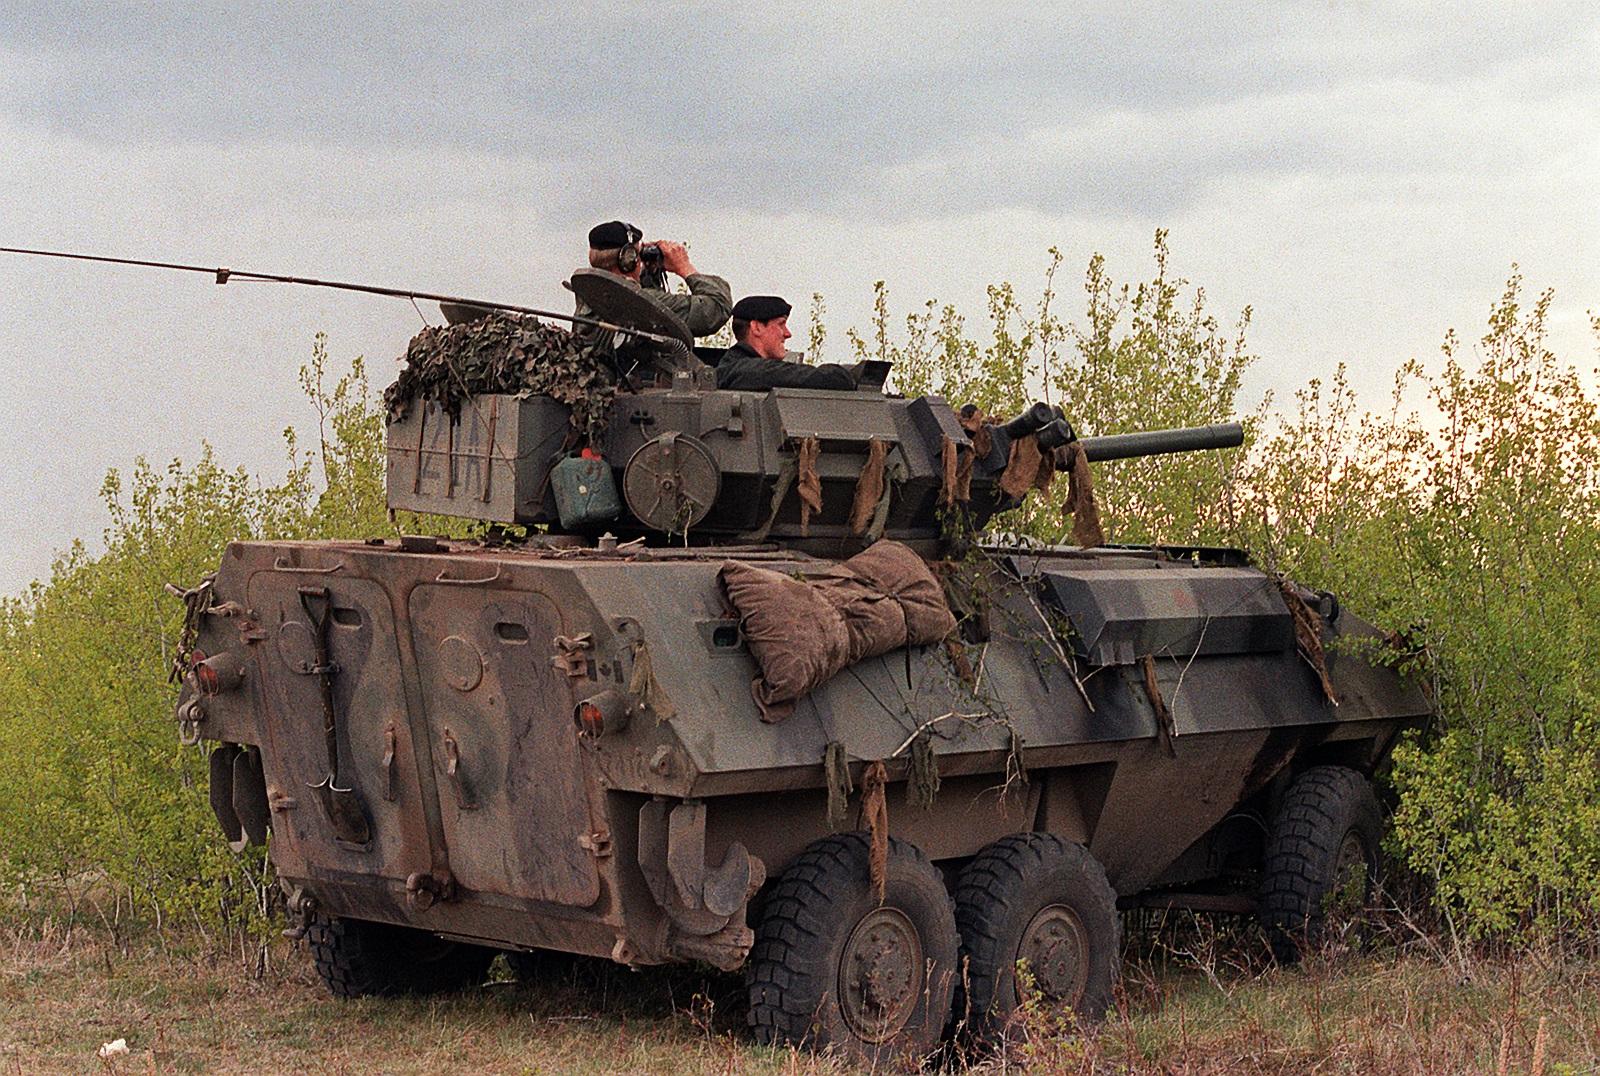 비겐의 무기사진 전문 이글루입니다 캐나다 장갑범용 장갑차 Avgp Cougar